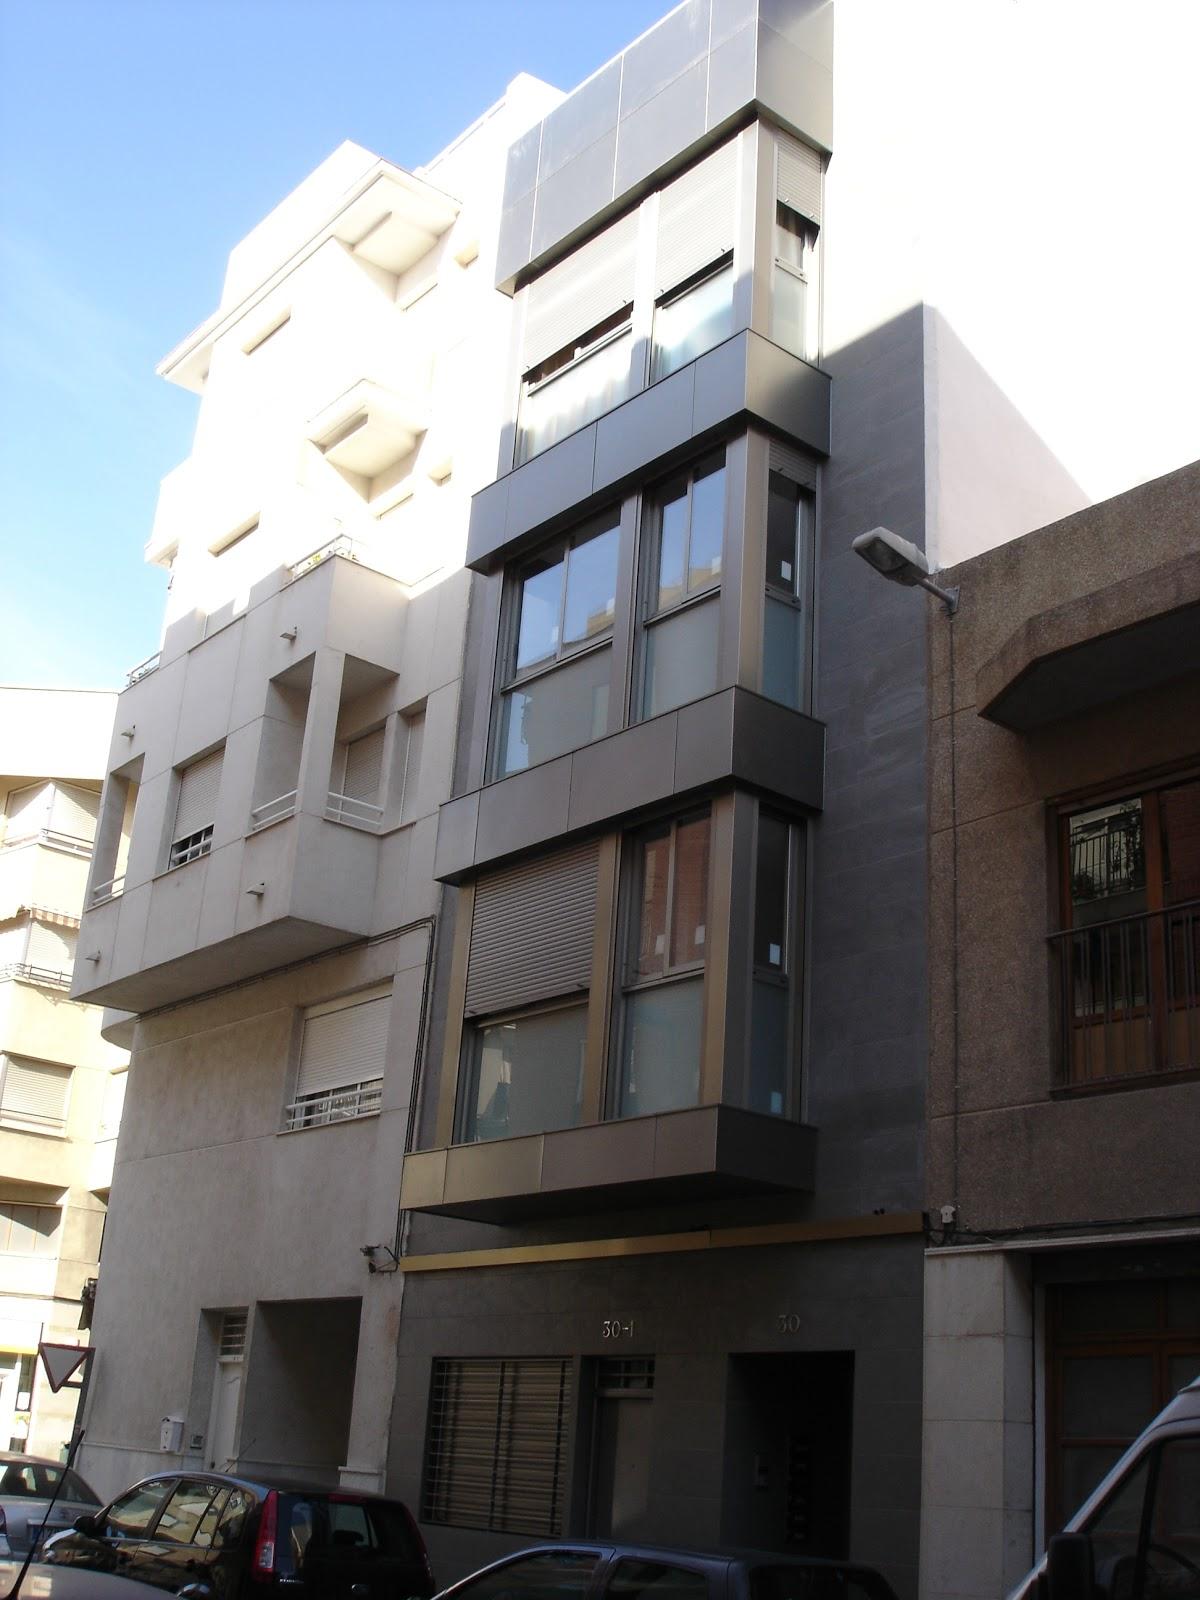 Habitania construcciones y reformas obras edificaci n - Construcciones y reformas ...